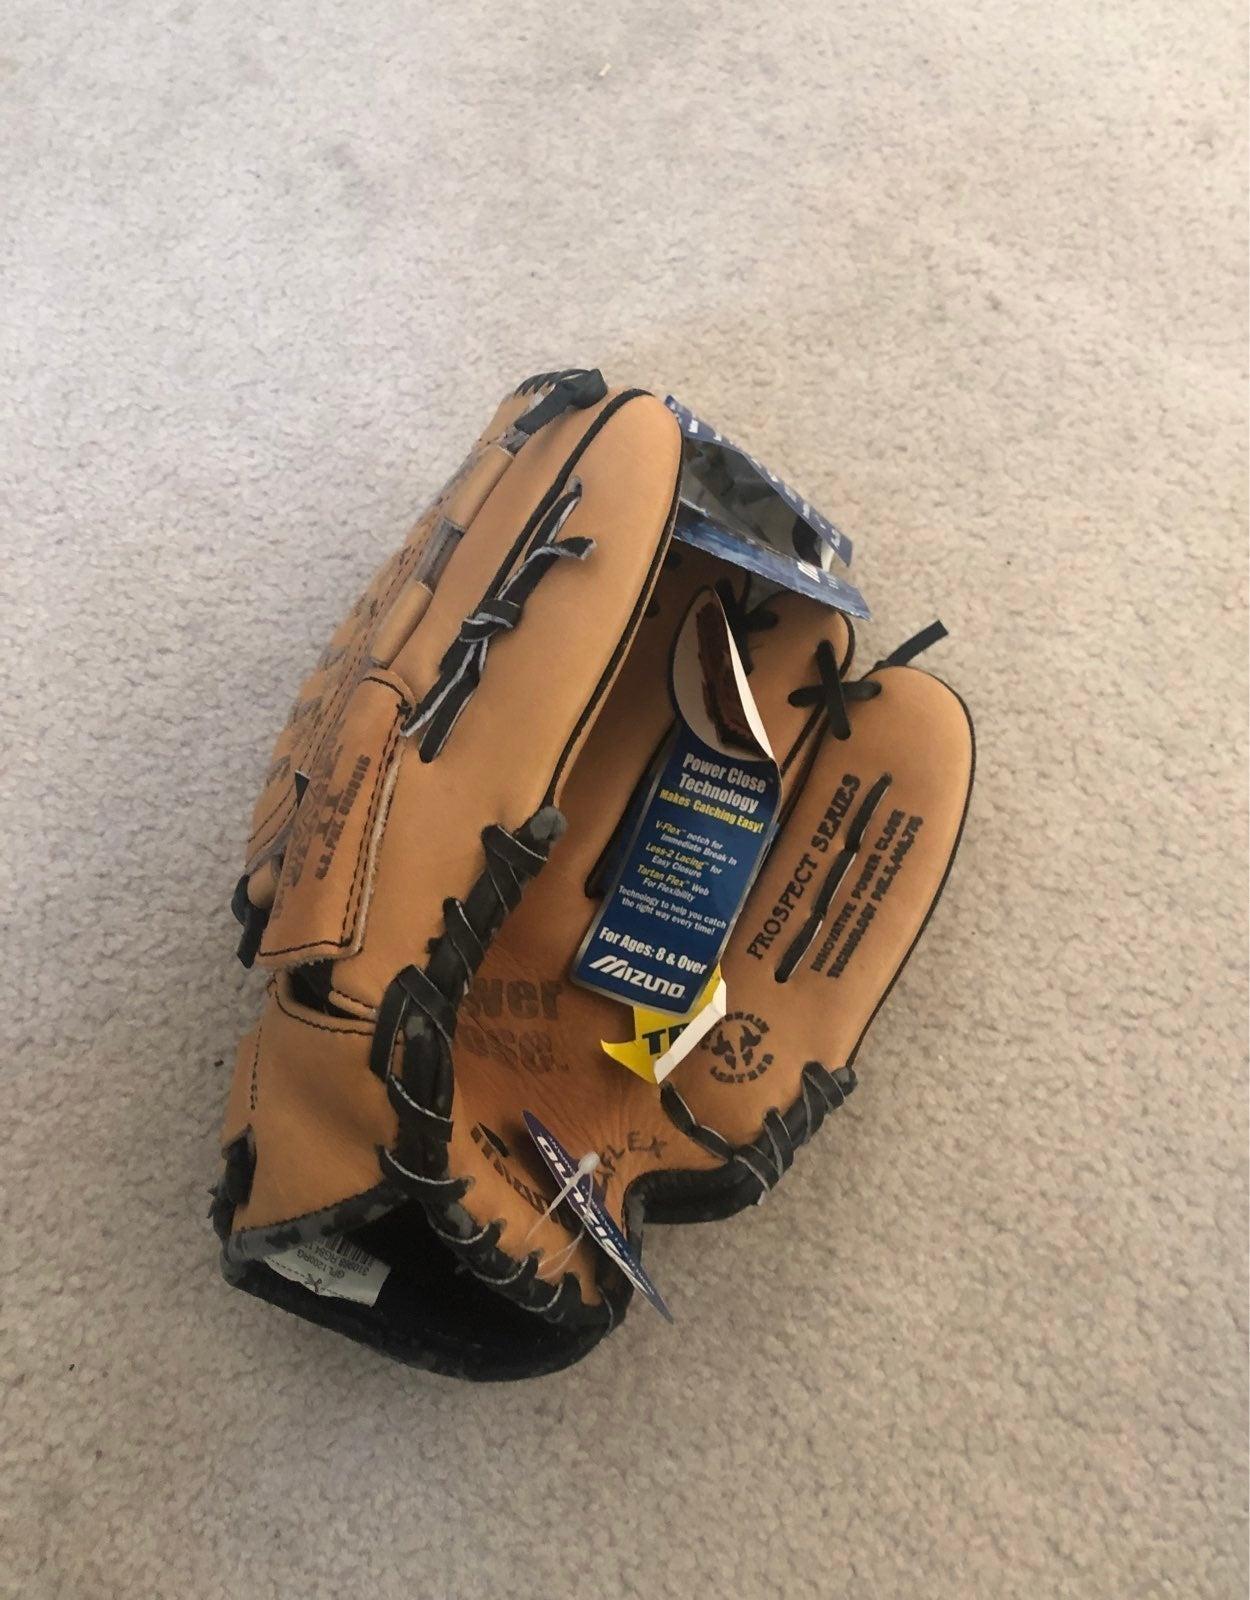 Mizunu 12 Inch Baseball Glove